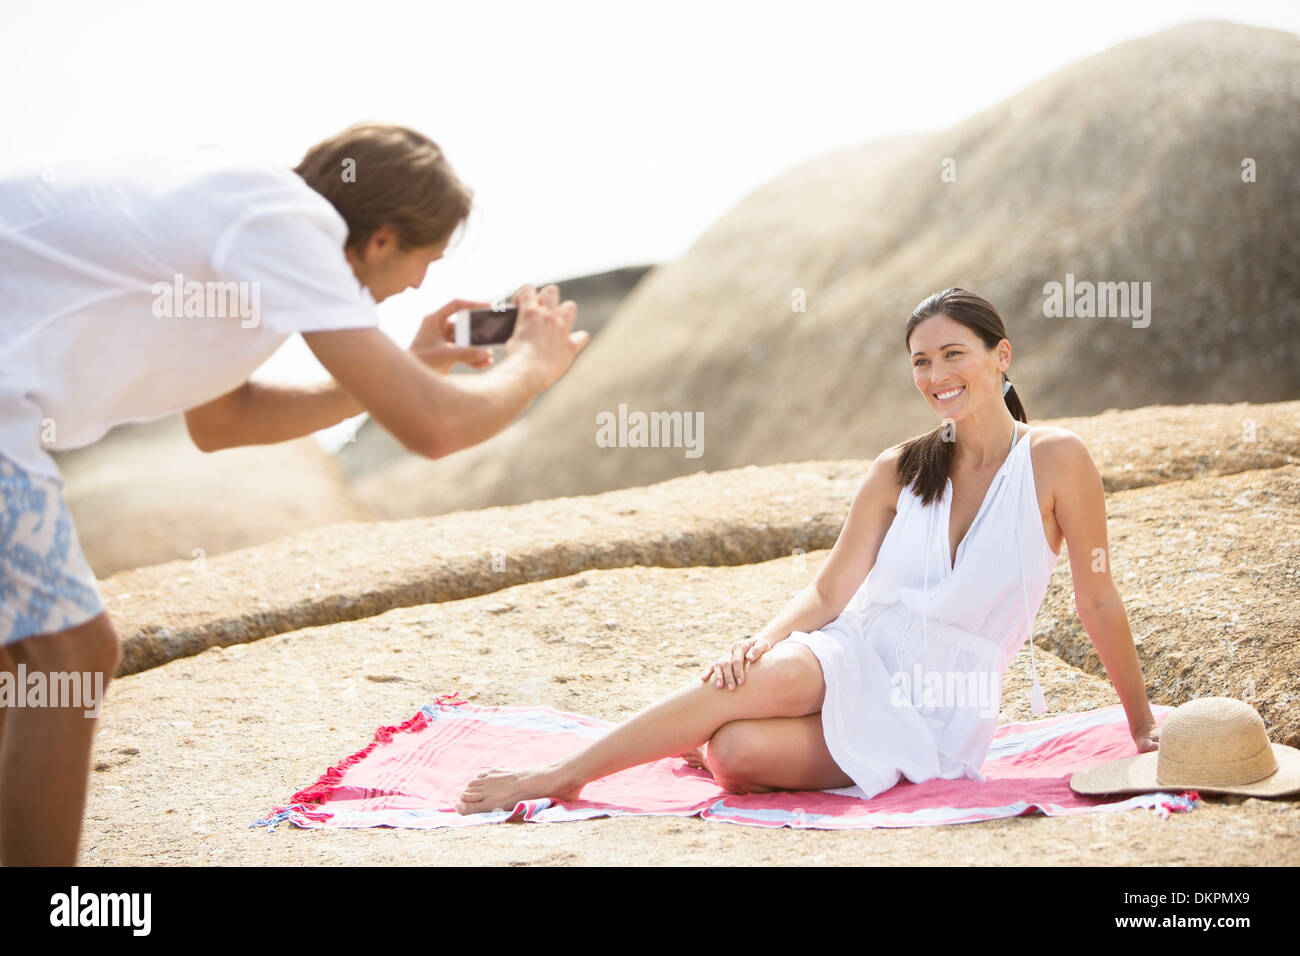 Hombre tomar la fotografía de la novia en la playa Imagen De Stock